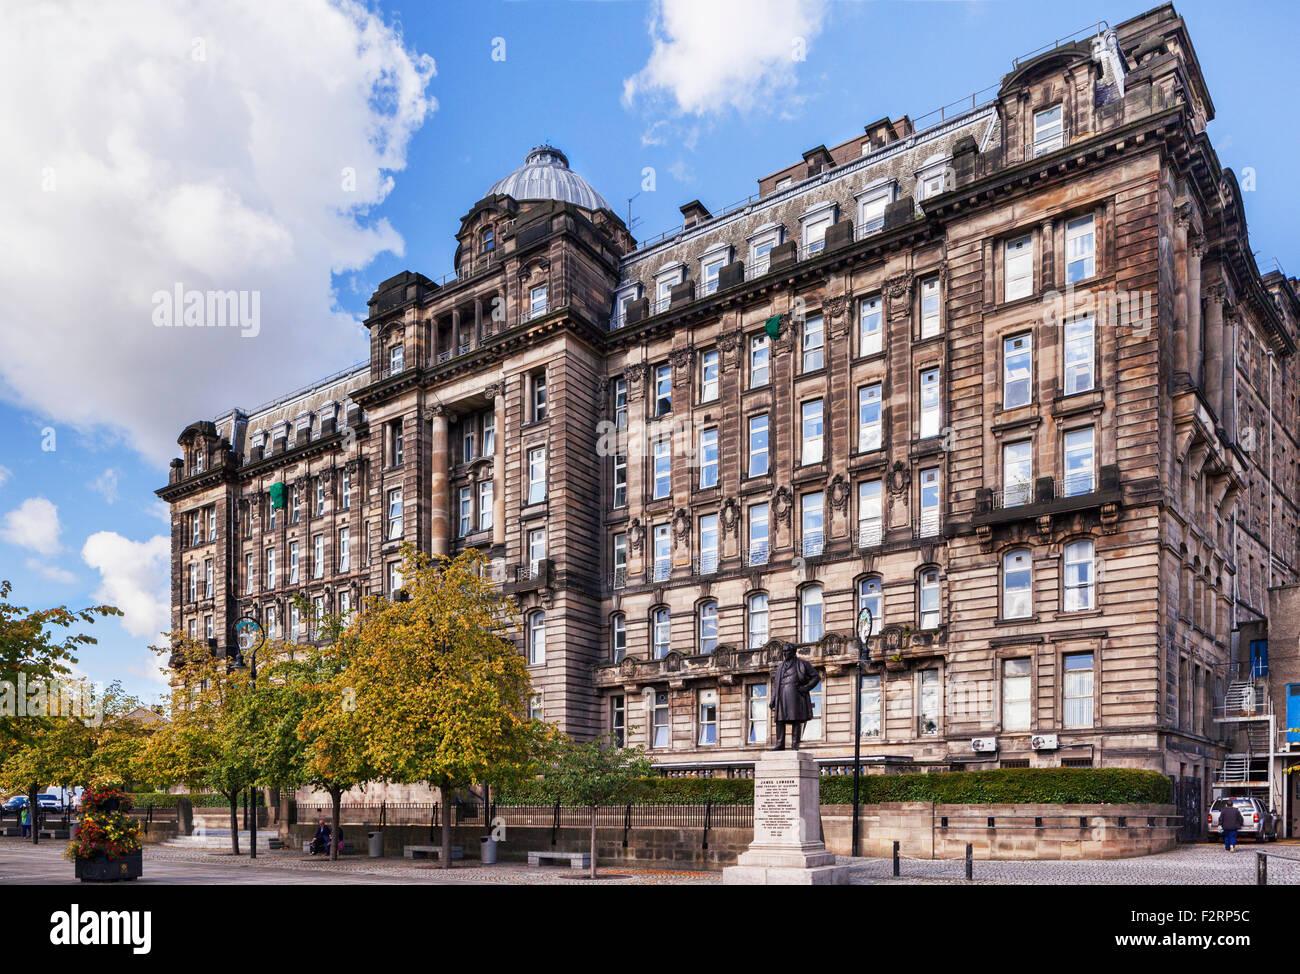 L'édifice médical, datant de 1914, de la Glasgow Royal Infirmary. Banque D'Images